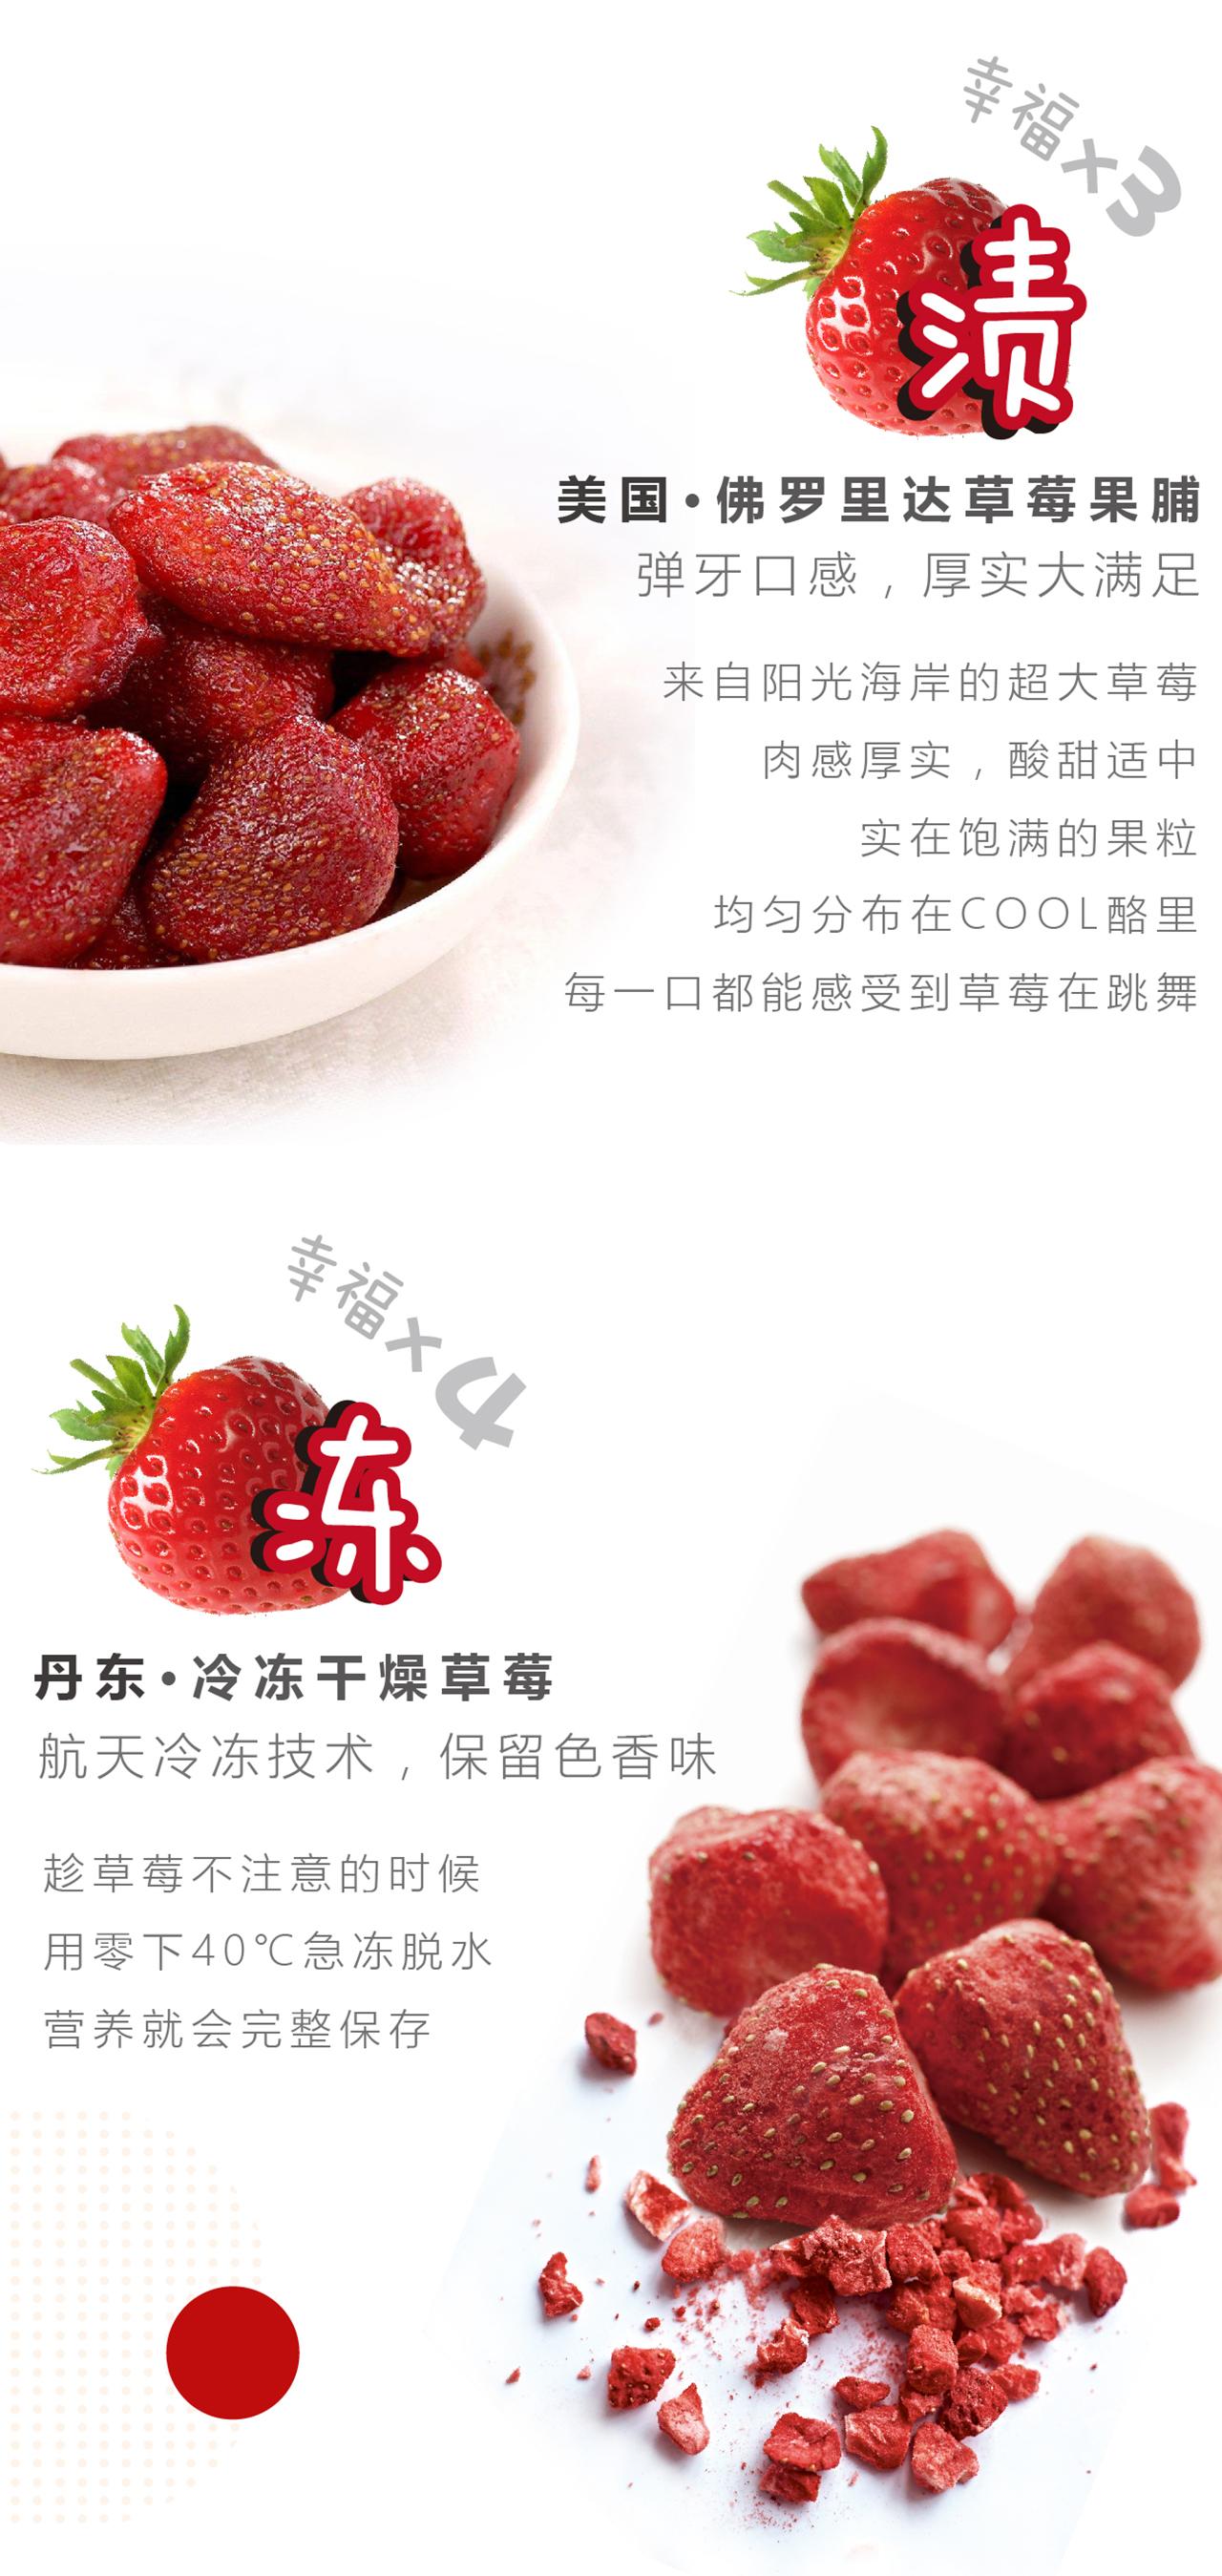 波点草莓 Strawberry Cool Chees 9